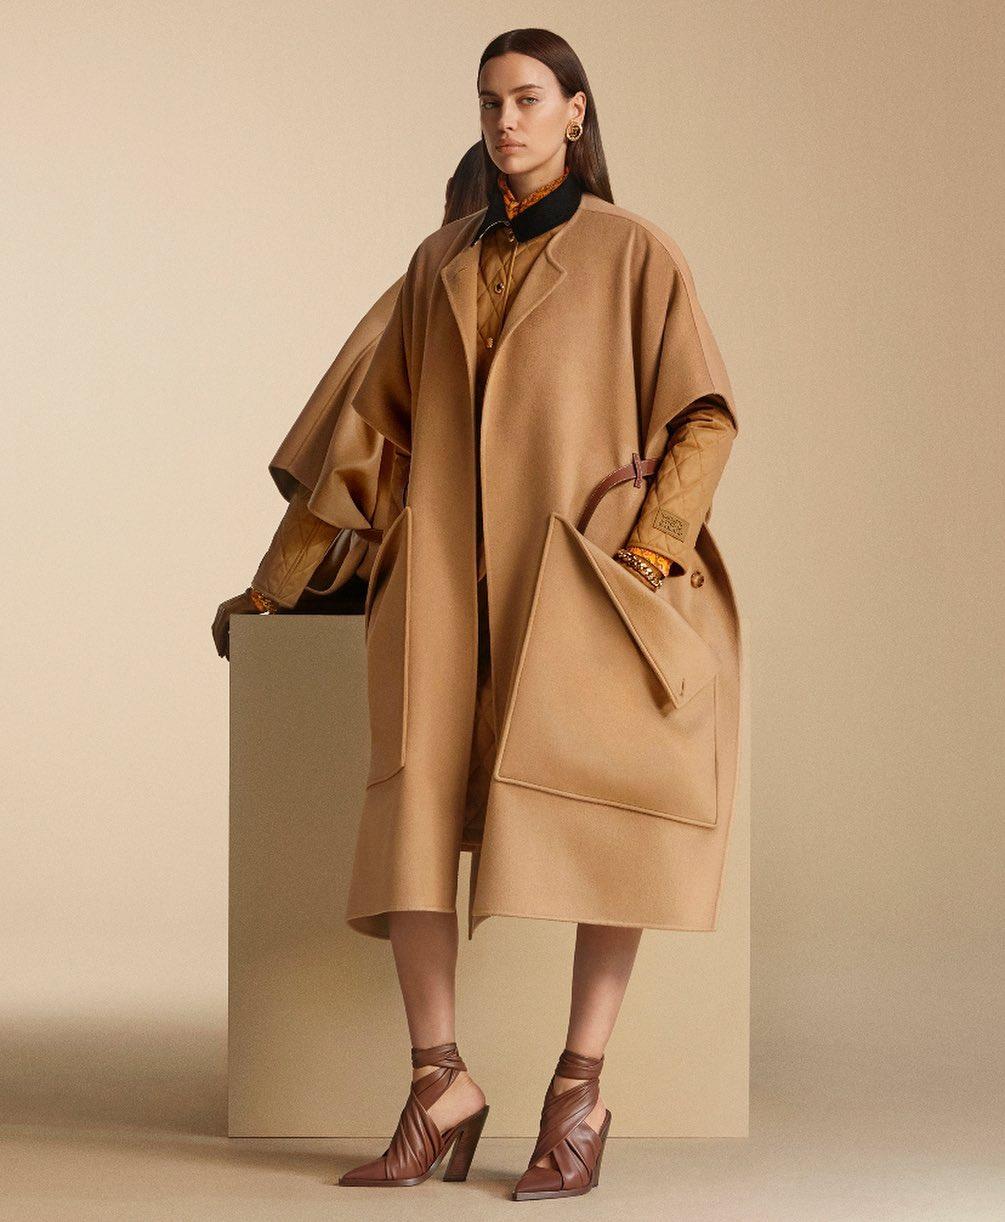 Irina Shayk Gives A New Way To Wear Oversized Coat